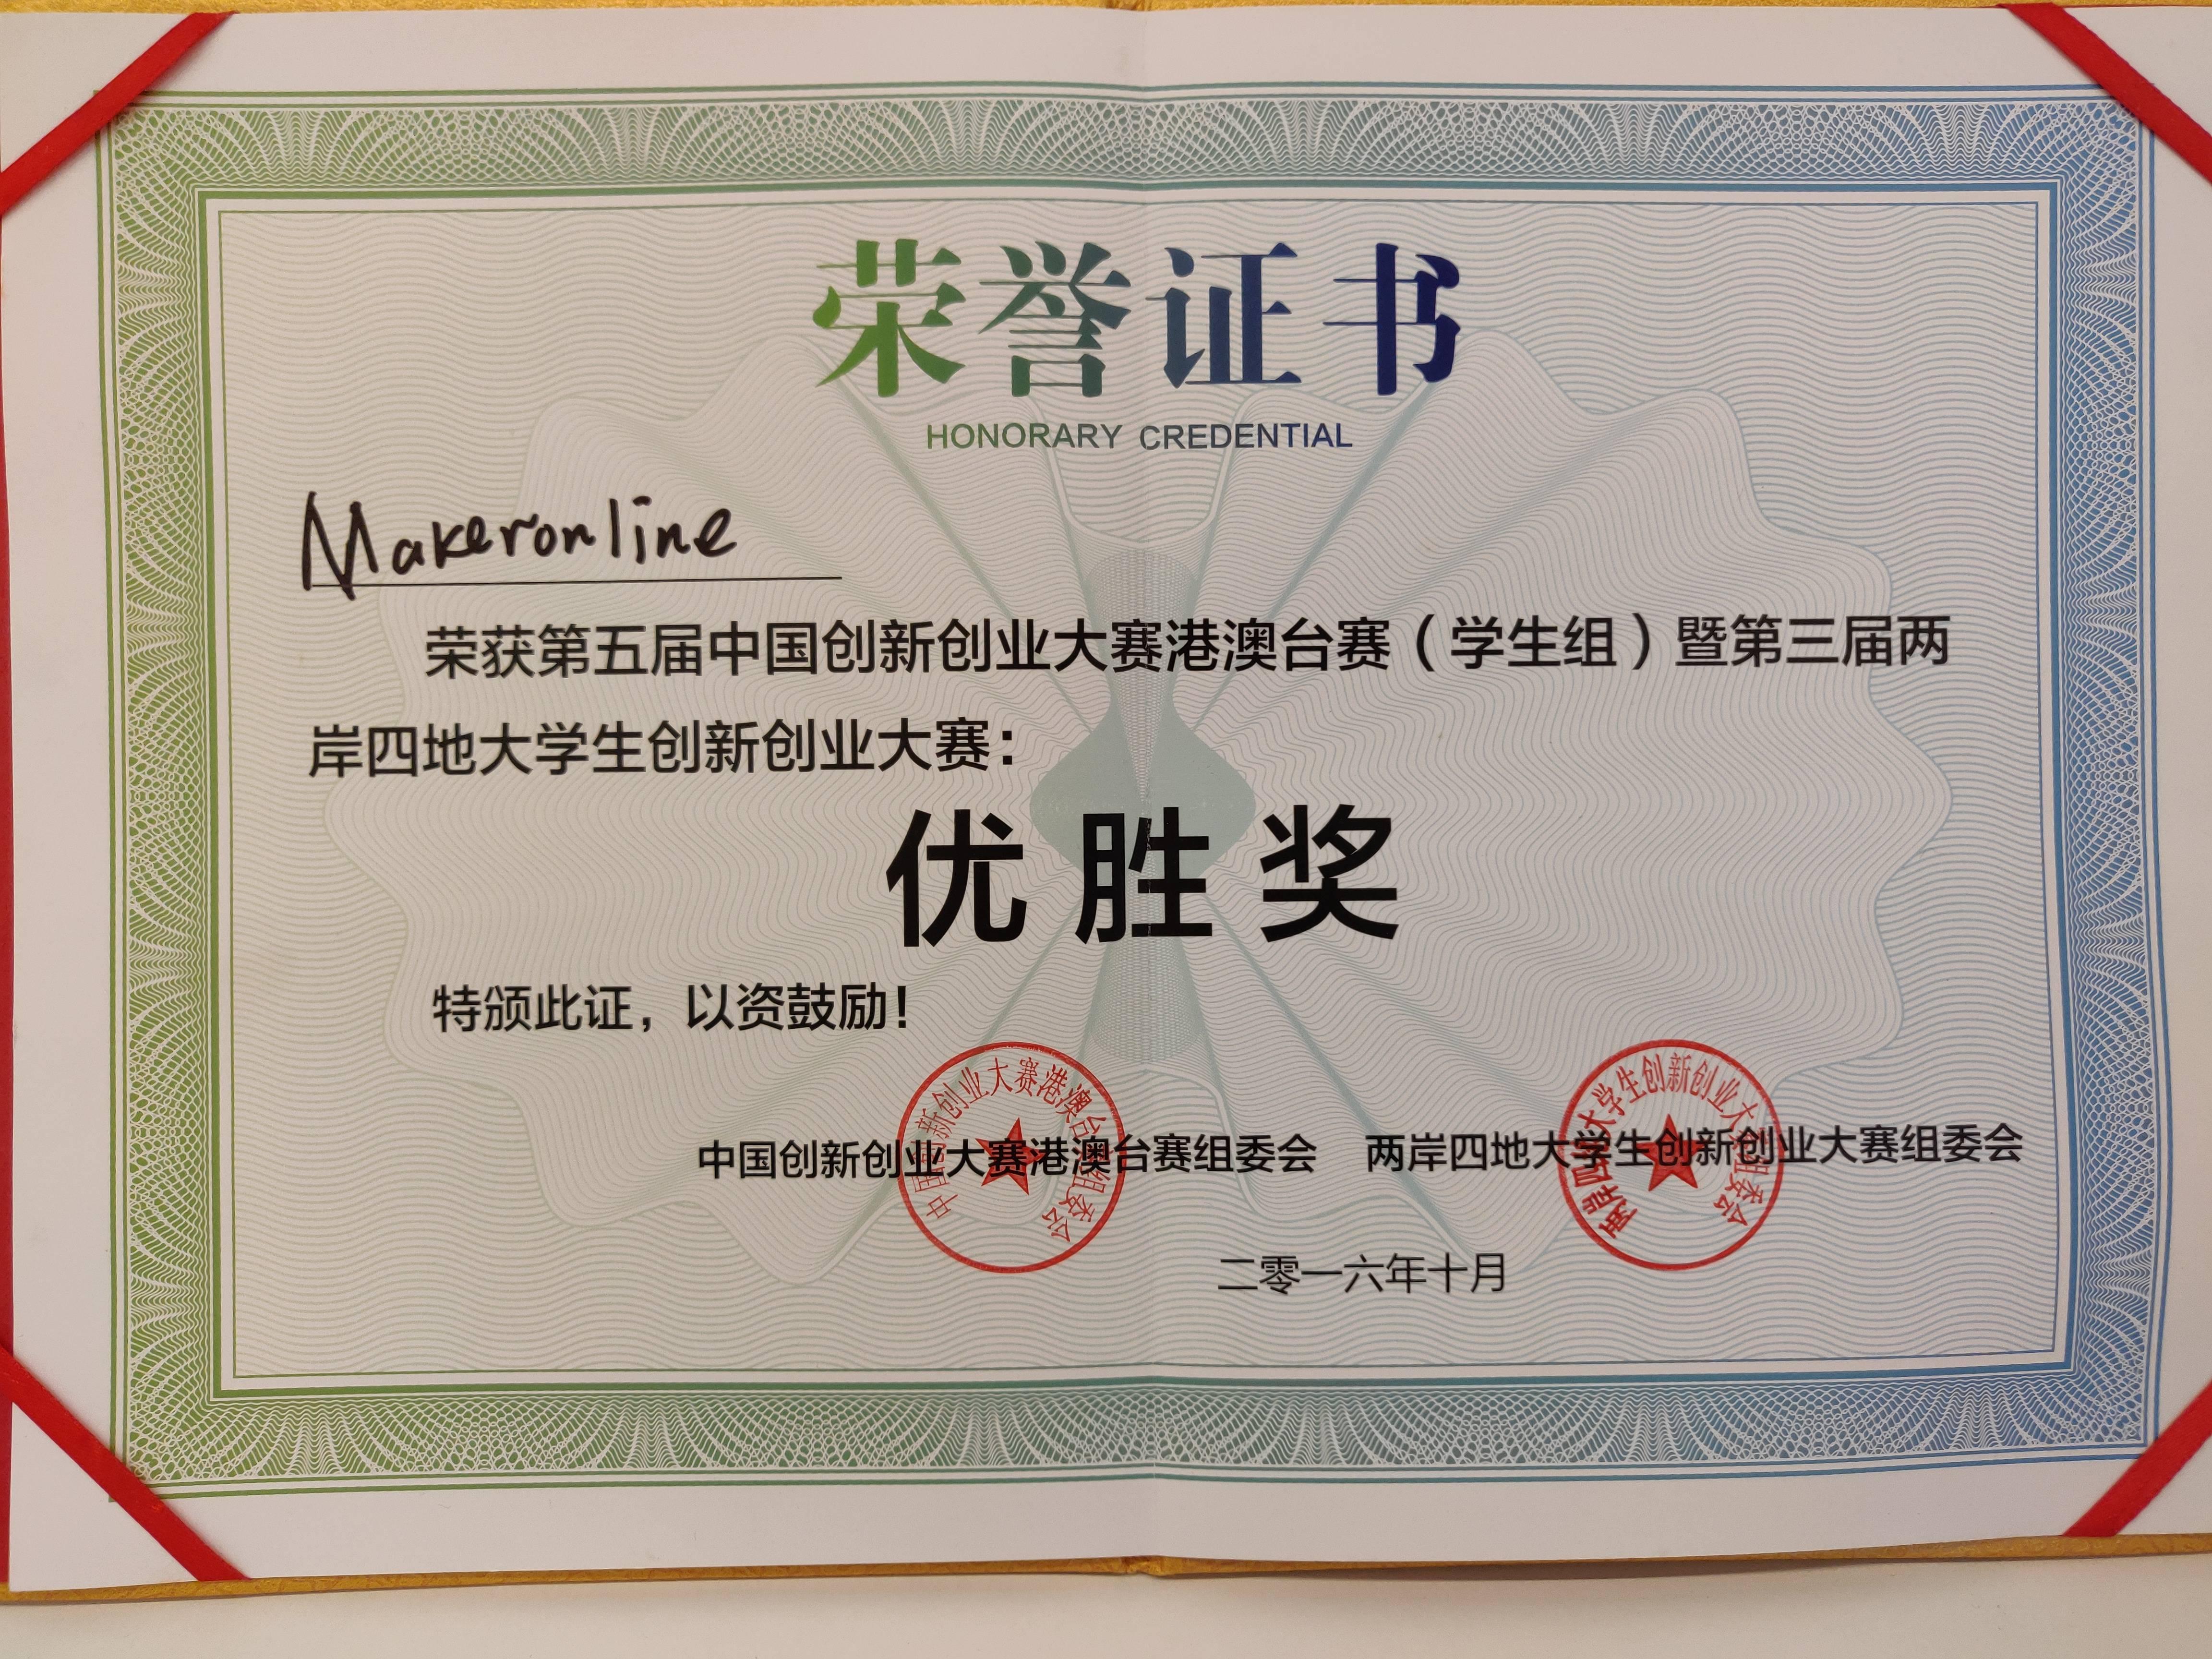 独角基地荣获中国创新创业大赛 港澳台赛 优胜奖